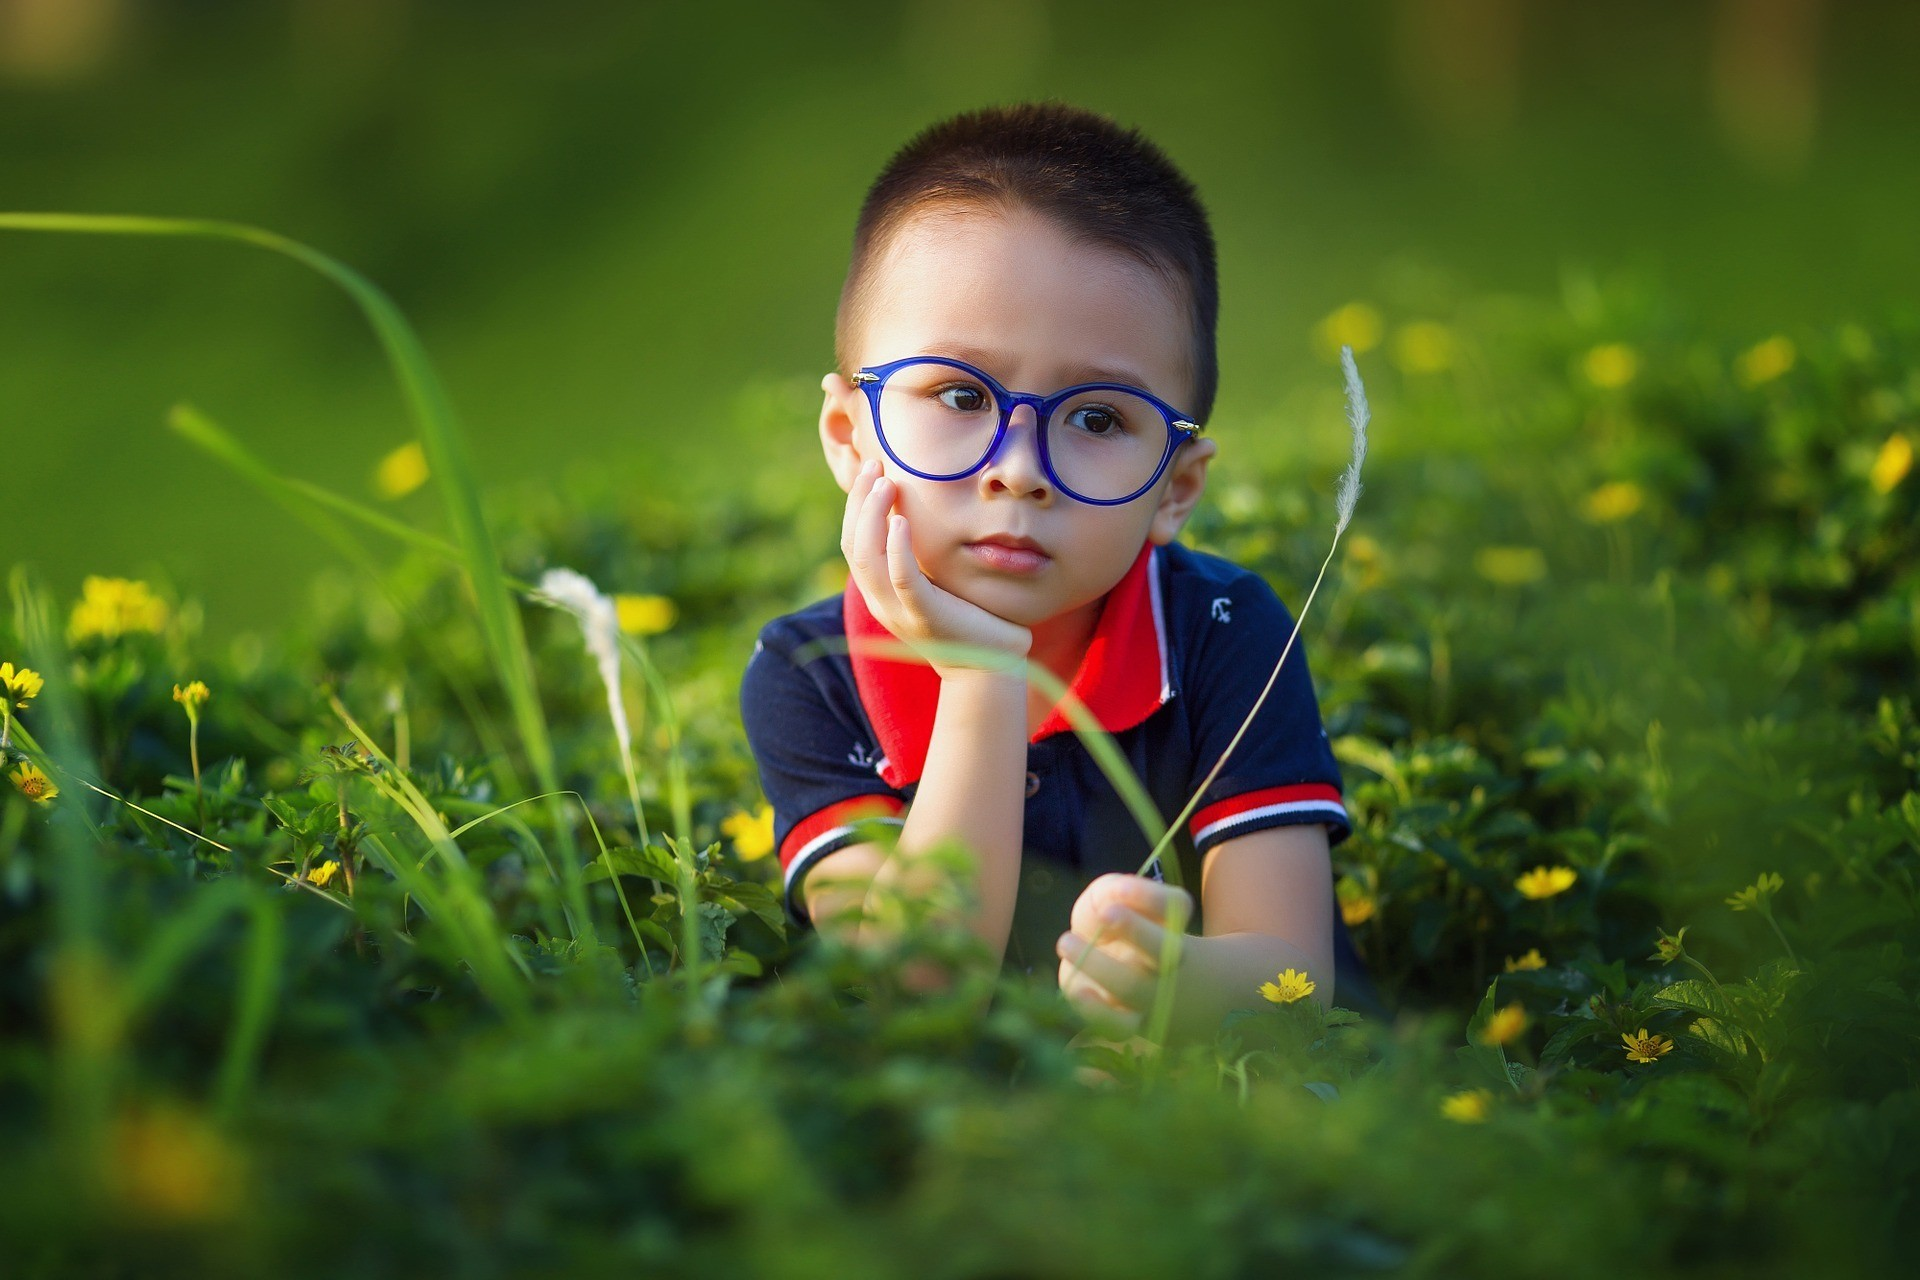 kak-sohranit-zrenie-rebenku-sovety-oftalmologa